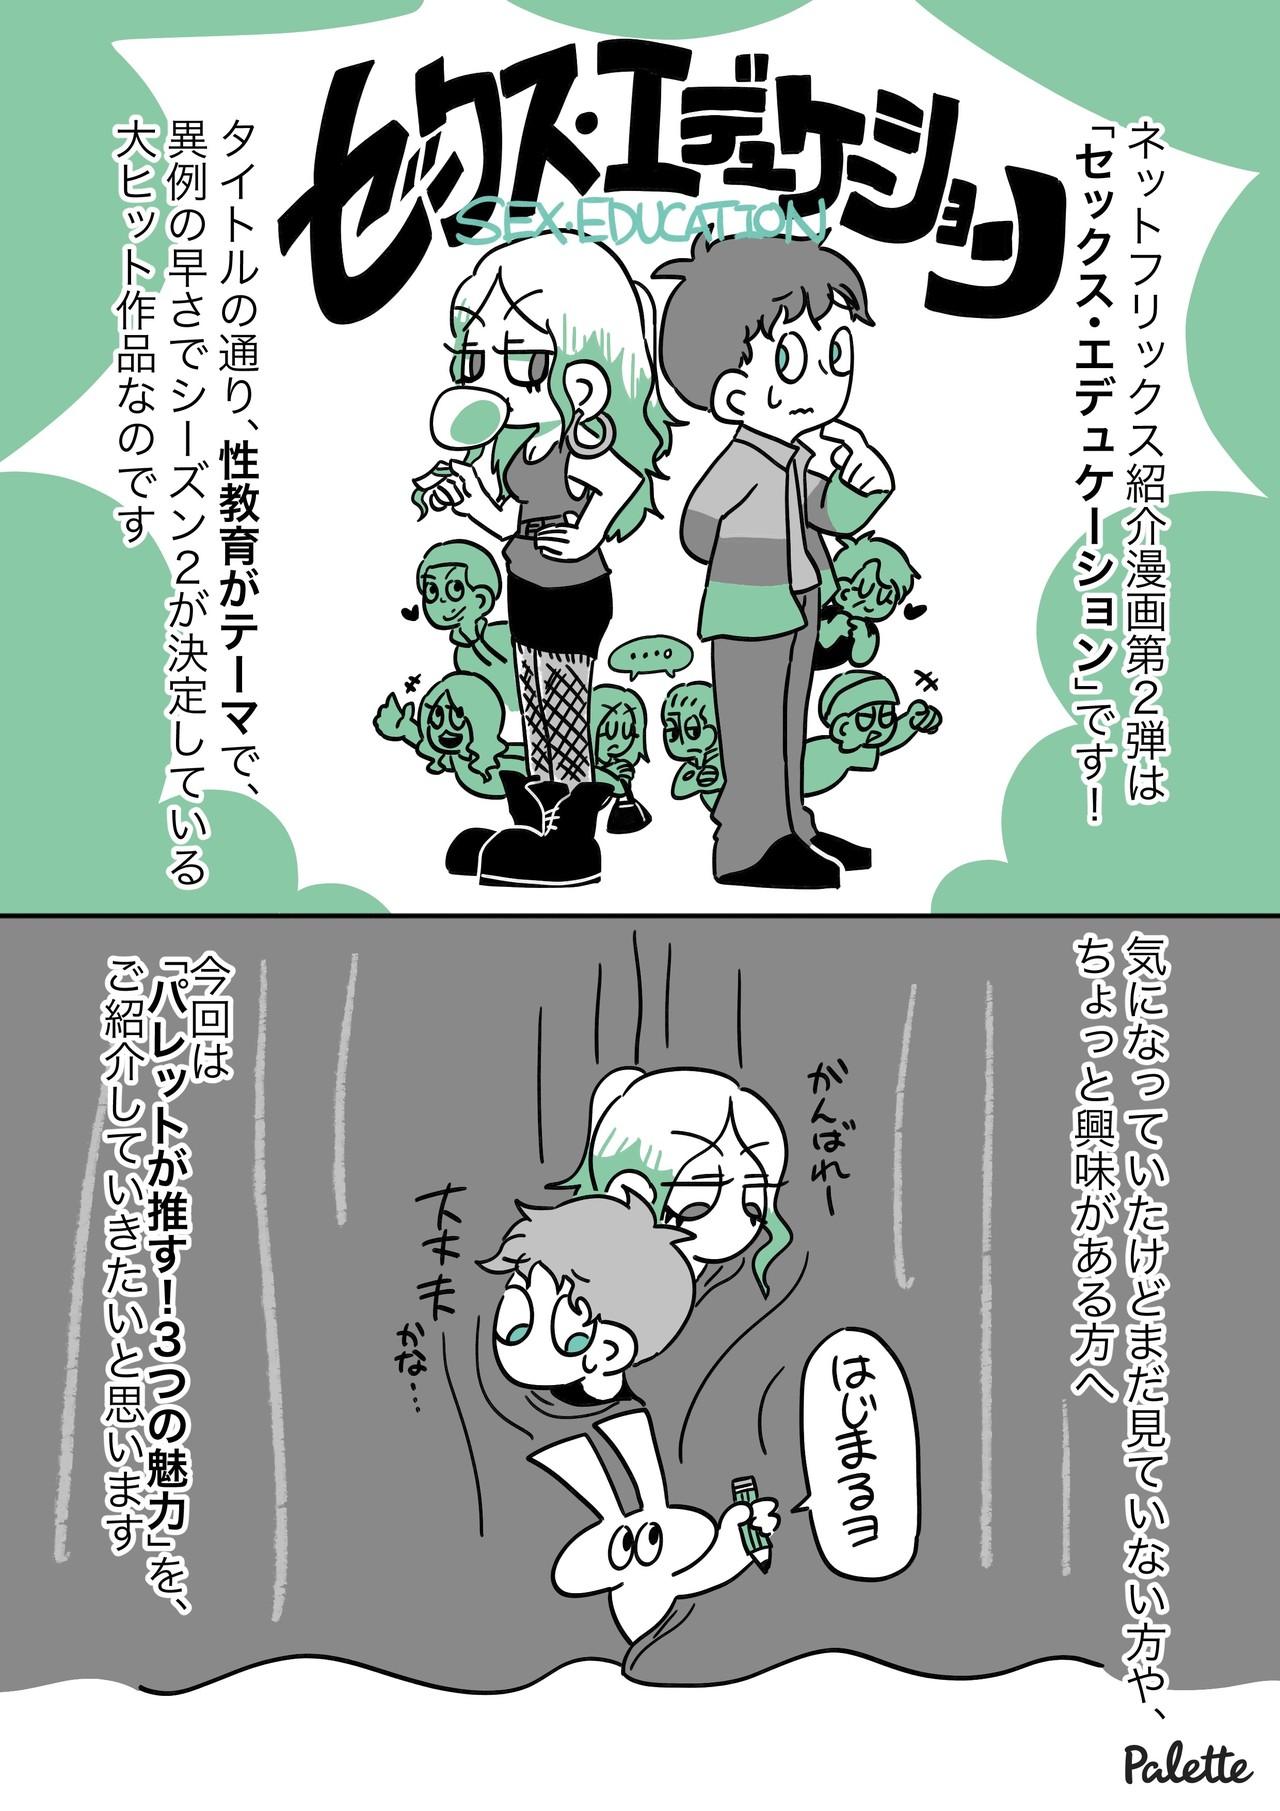 ッ エデュケーション せ シーズン クス